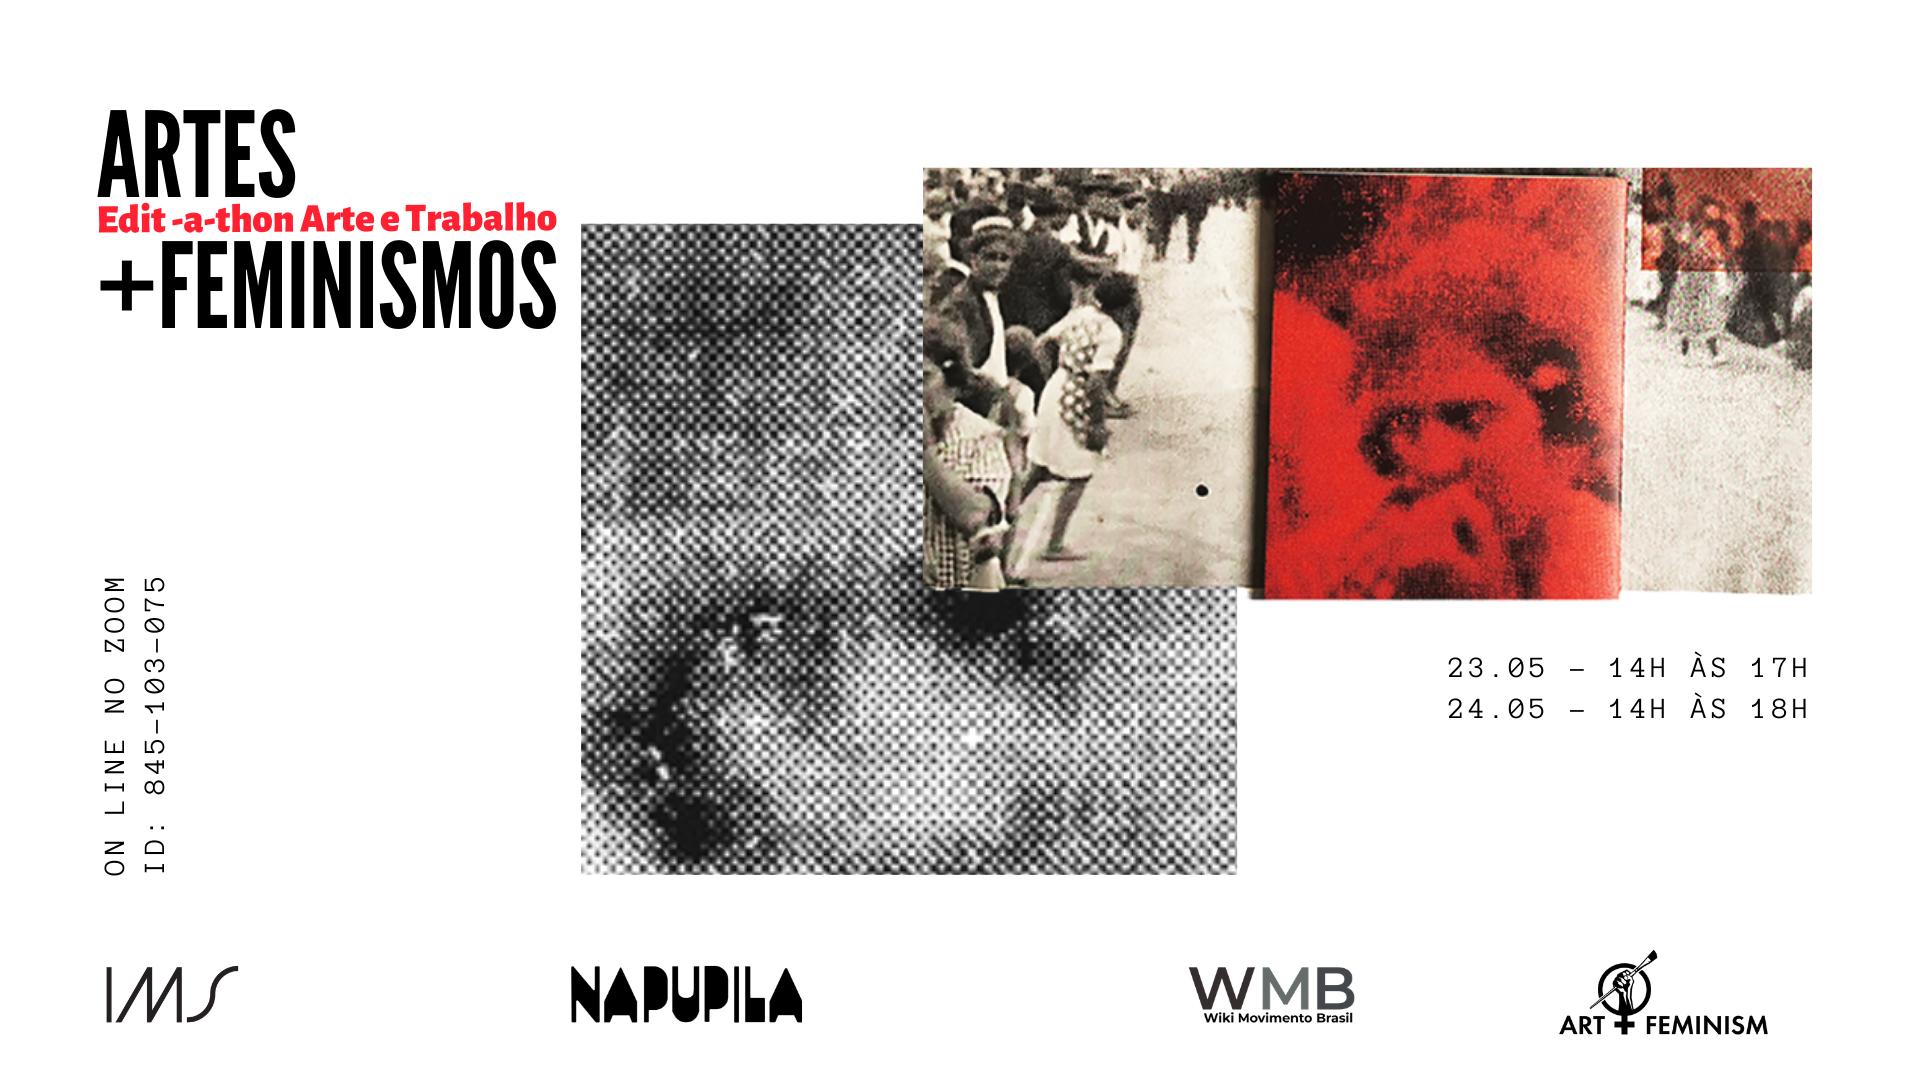 Artes + Feminismos I Arte e Trabalho – maio de 2020